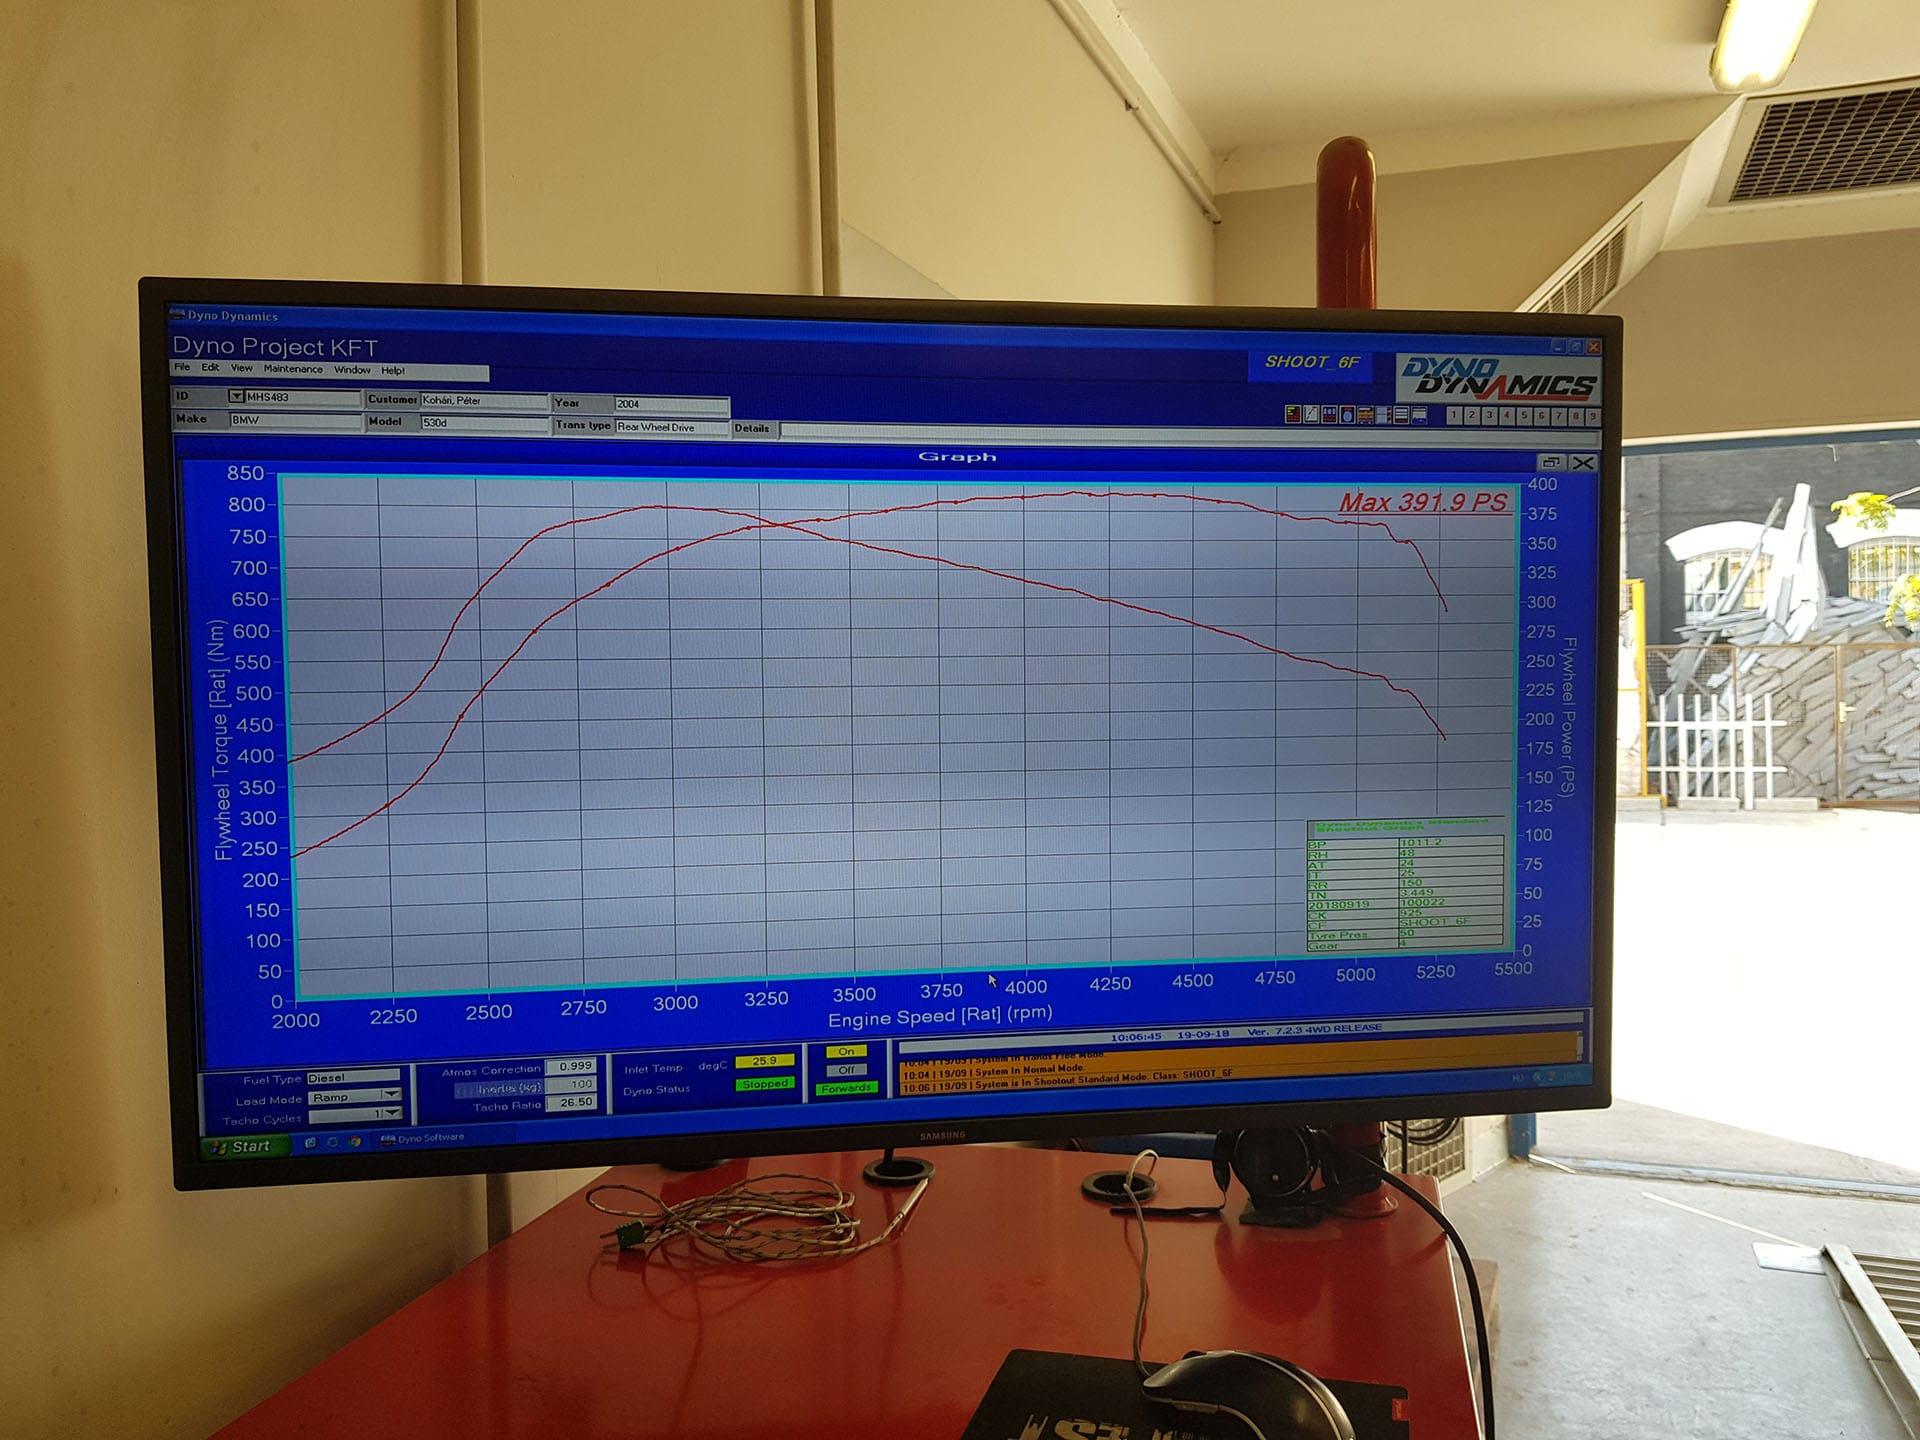 Motor teljesítmény javítás - Chiptuning Budapest